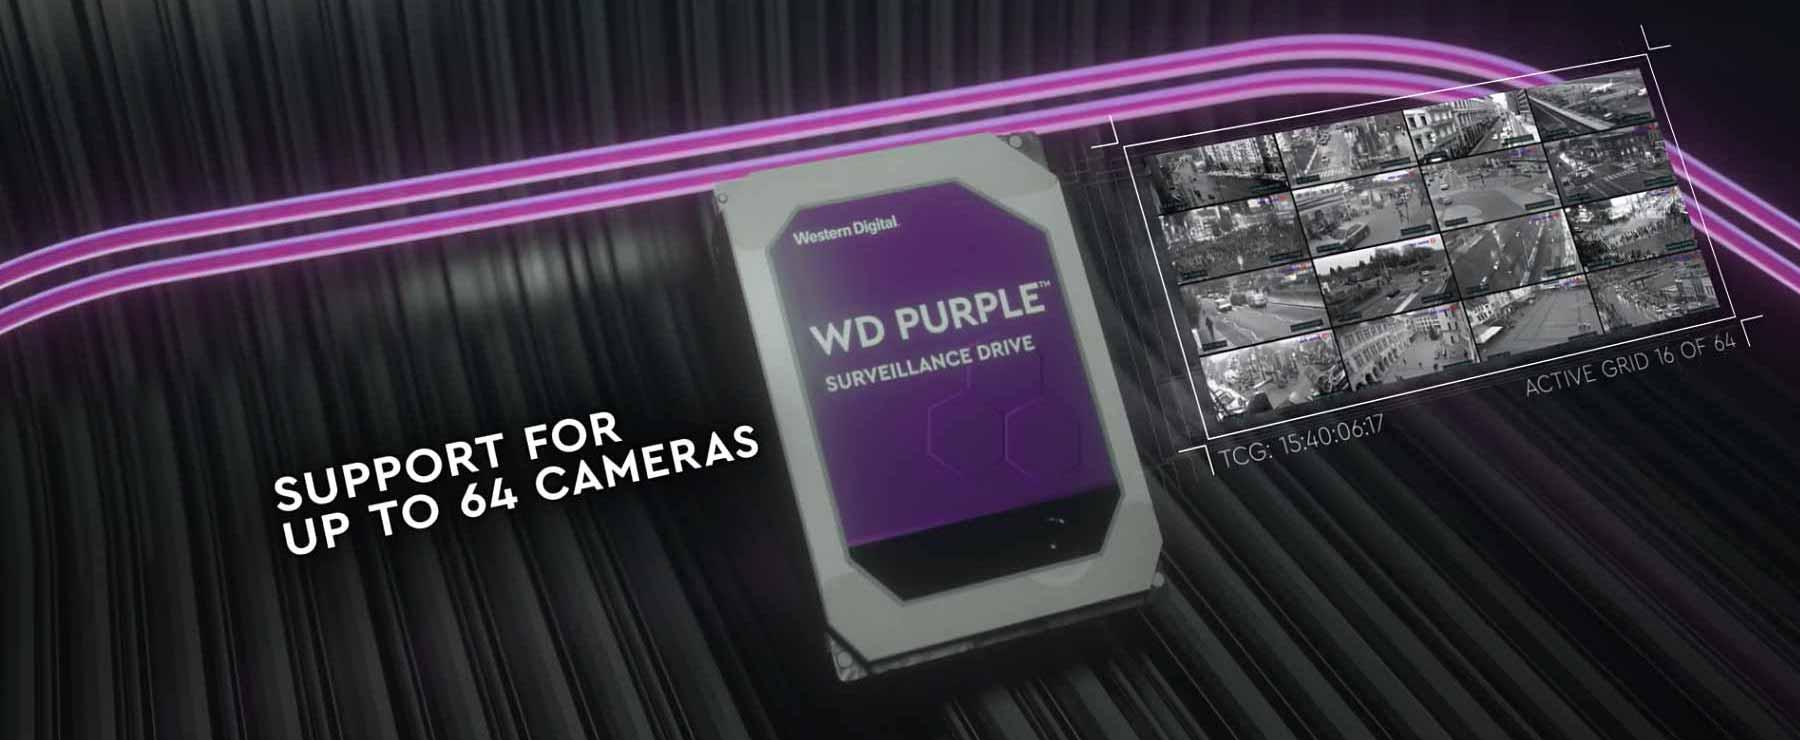 هارد دیسک وسترن دیجیتال Purple WD102PURZ